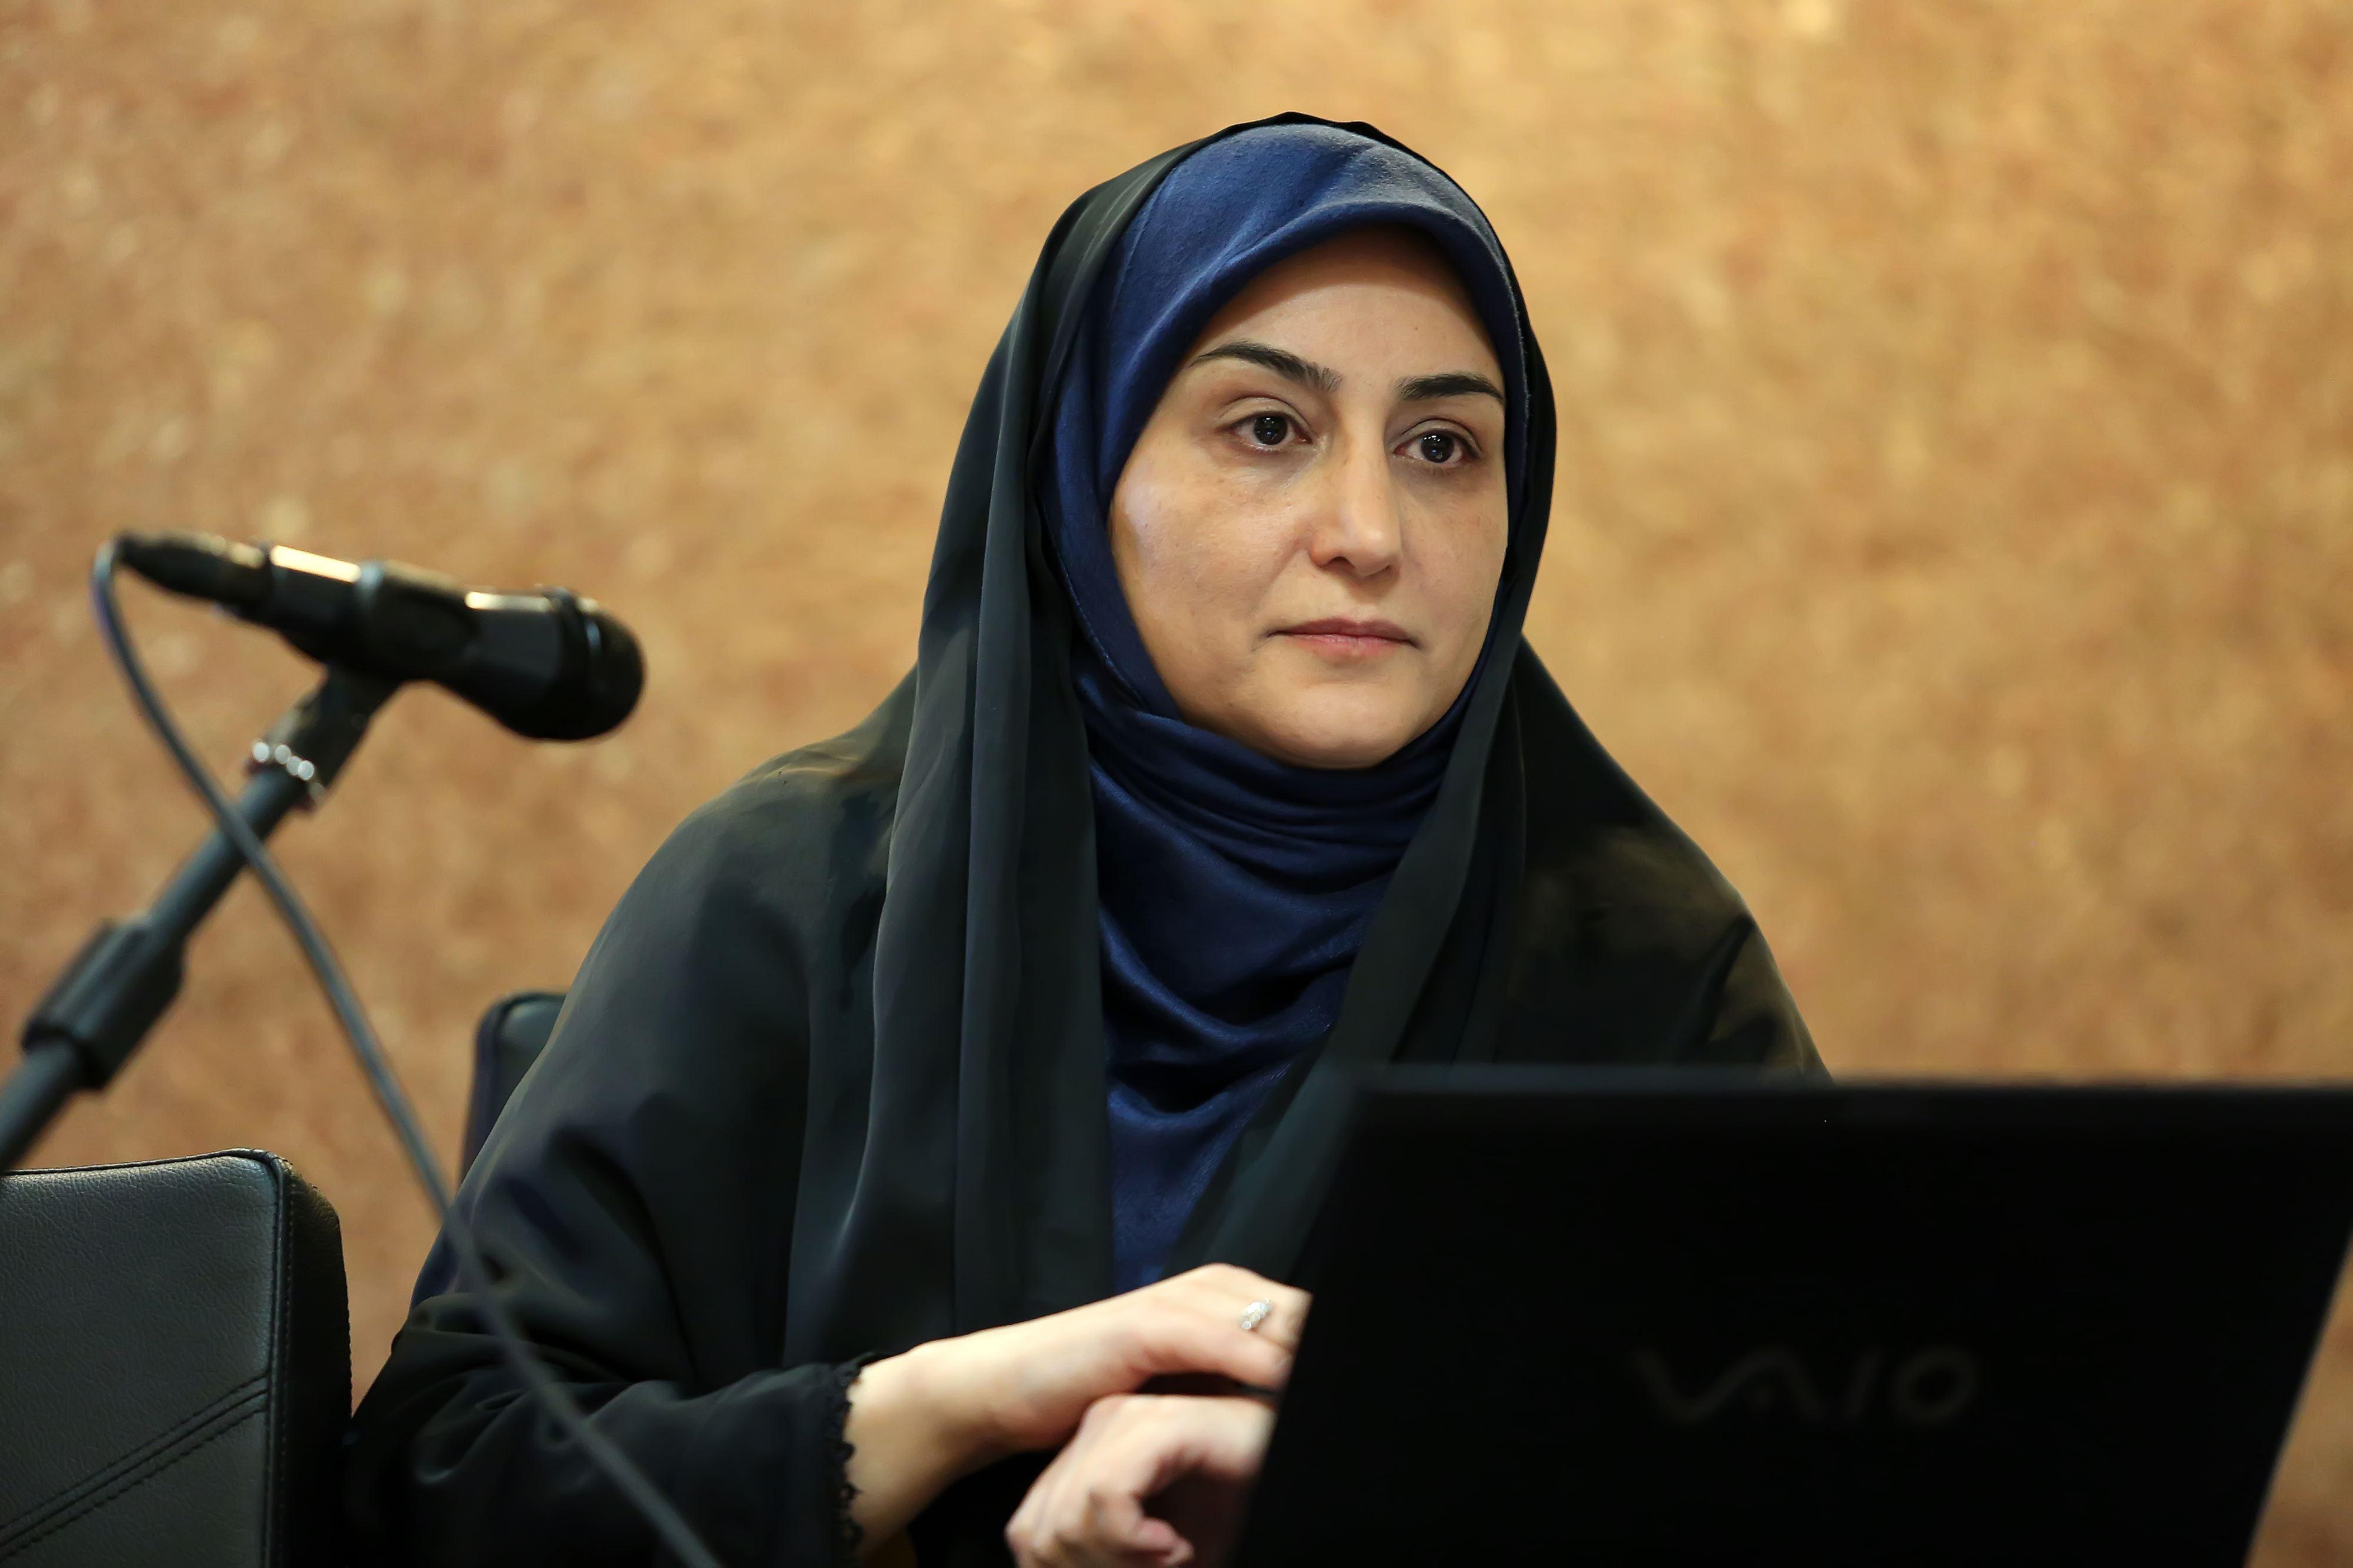 فراخوان کمیته مارک ایران برای نشست سالانه کمیته دائمی یونی مارک